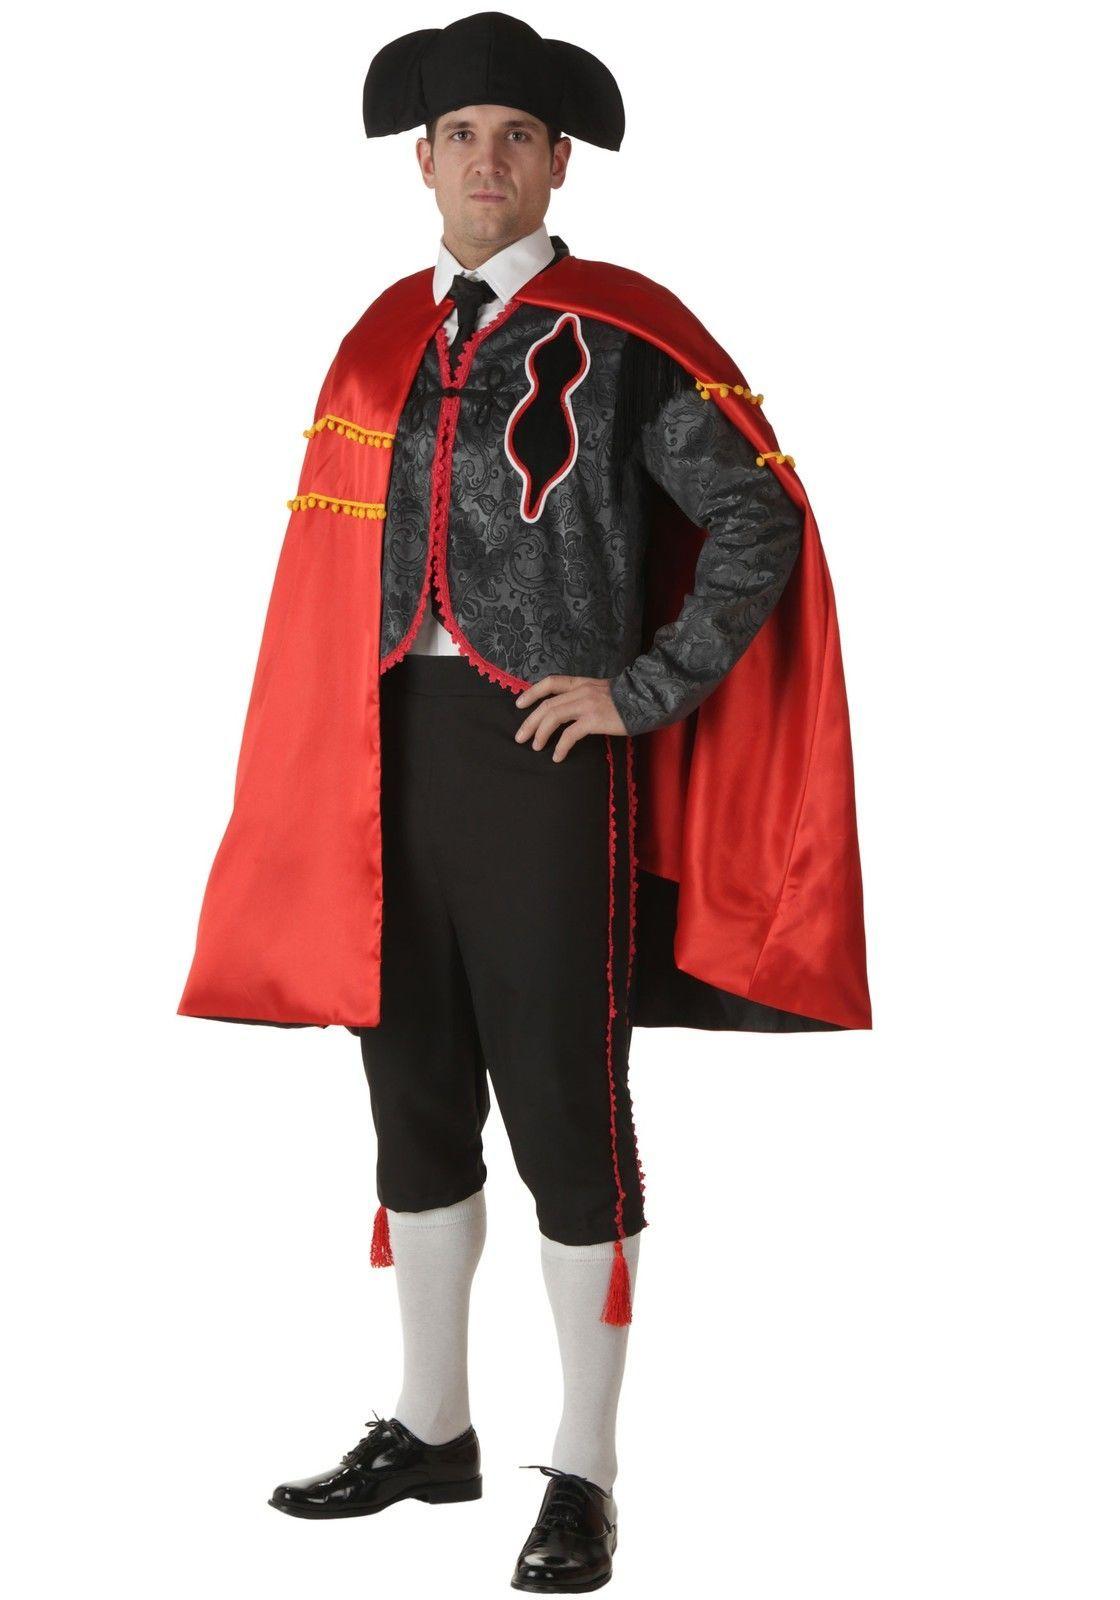 daed4331afa Matador Costume